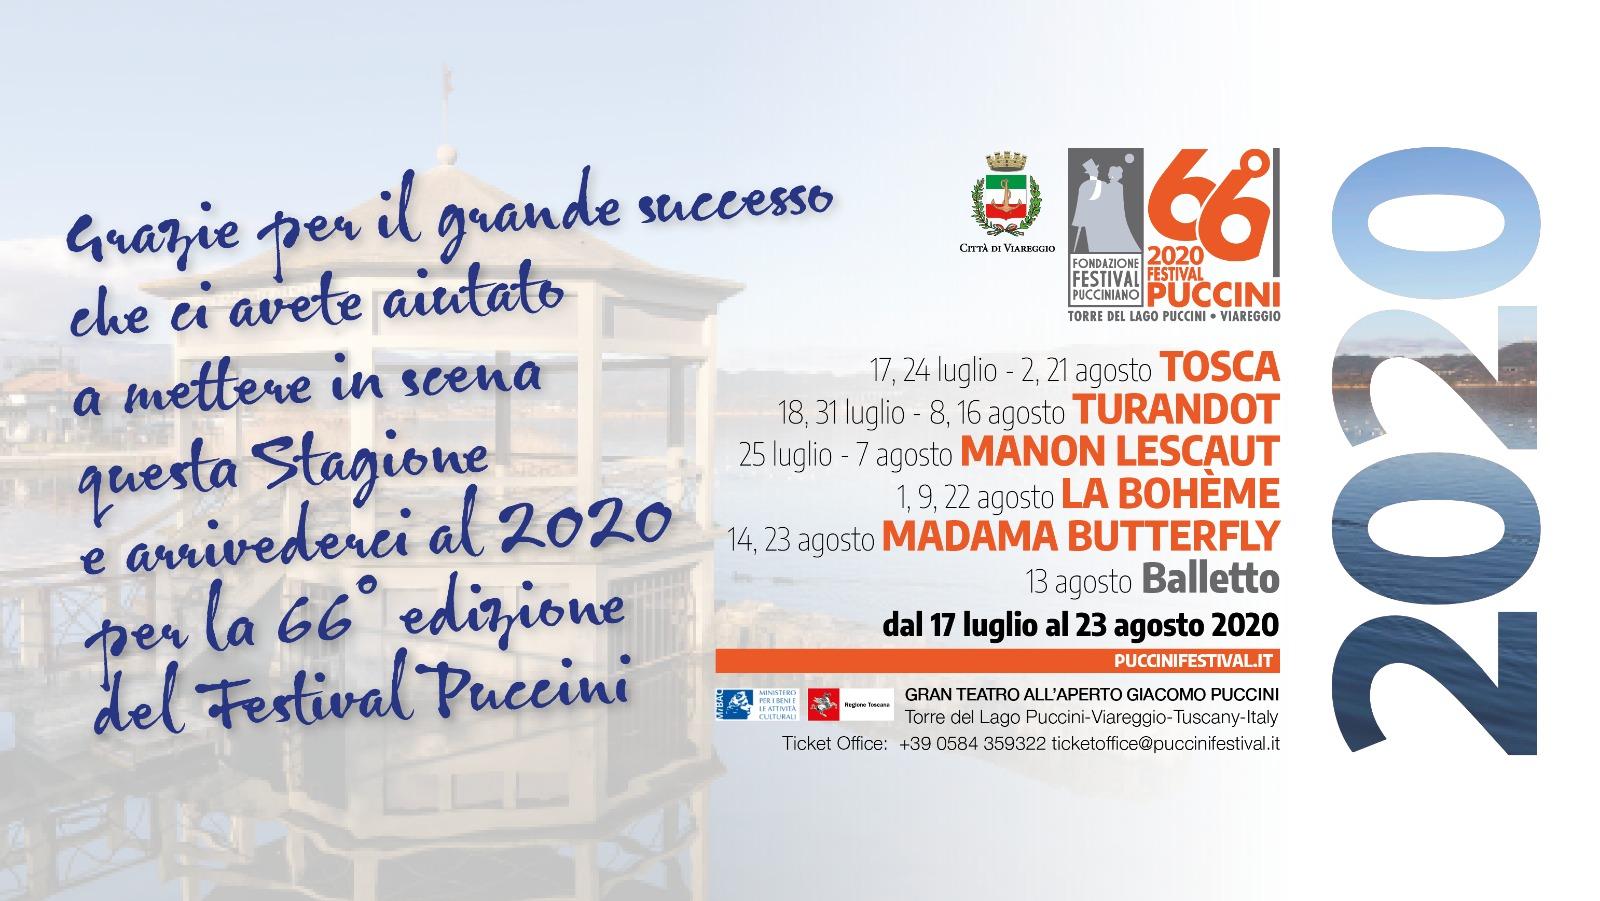 Calendario Carnevale Viareggio 2020.65 Festival Puccini Luglio Agosto 2019